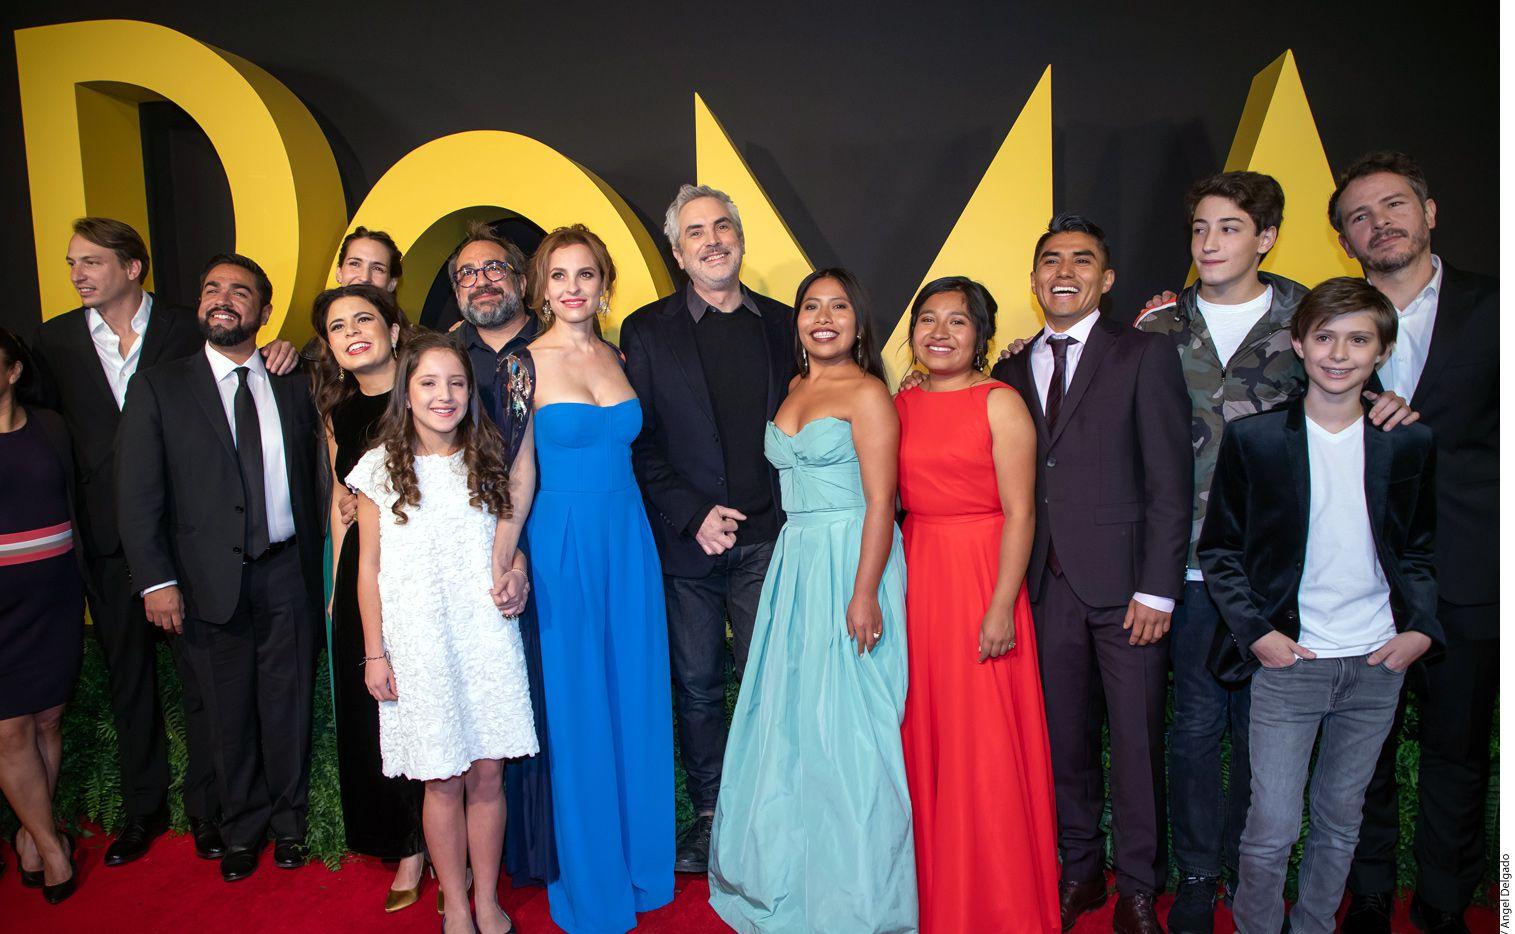 """""""Roma"""", película de Alfonso Cuarón, ha ganado 153 premios alrededor del mundo en distintas categorías.Te invitamos a conocer cuáles han sido los reconocimientos más importantes. (AGENCIA REFORMA)"""